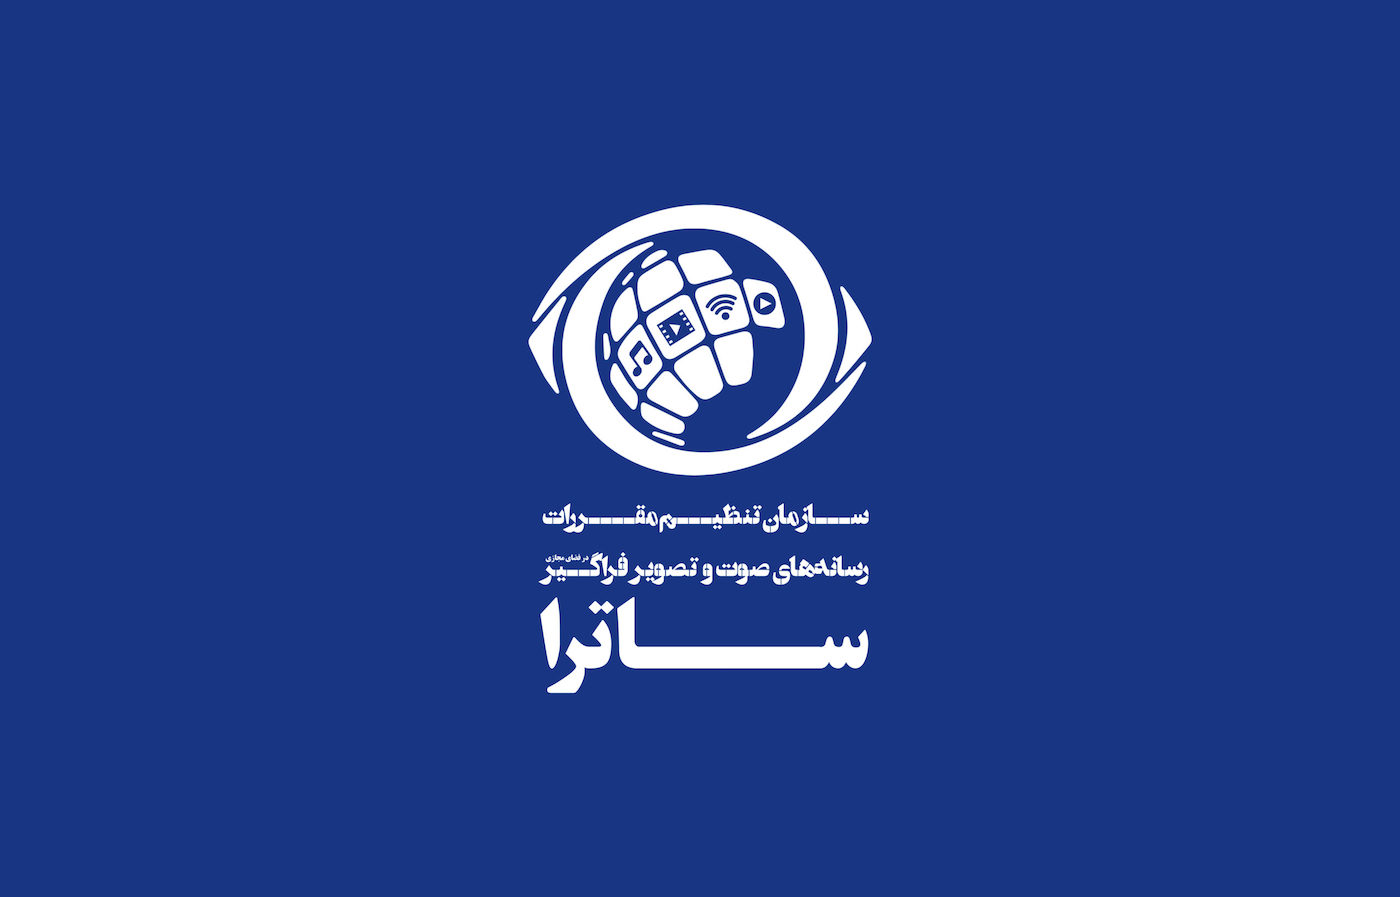 پیشنویس دستورالعمل ساترا برای تبلیغات: لزوم درج نماد «تبلیغ» در محتوای تبلیغاتی اینفلوئنسرها